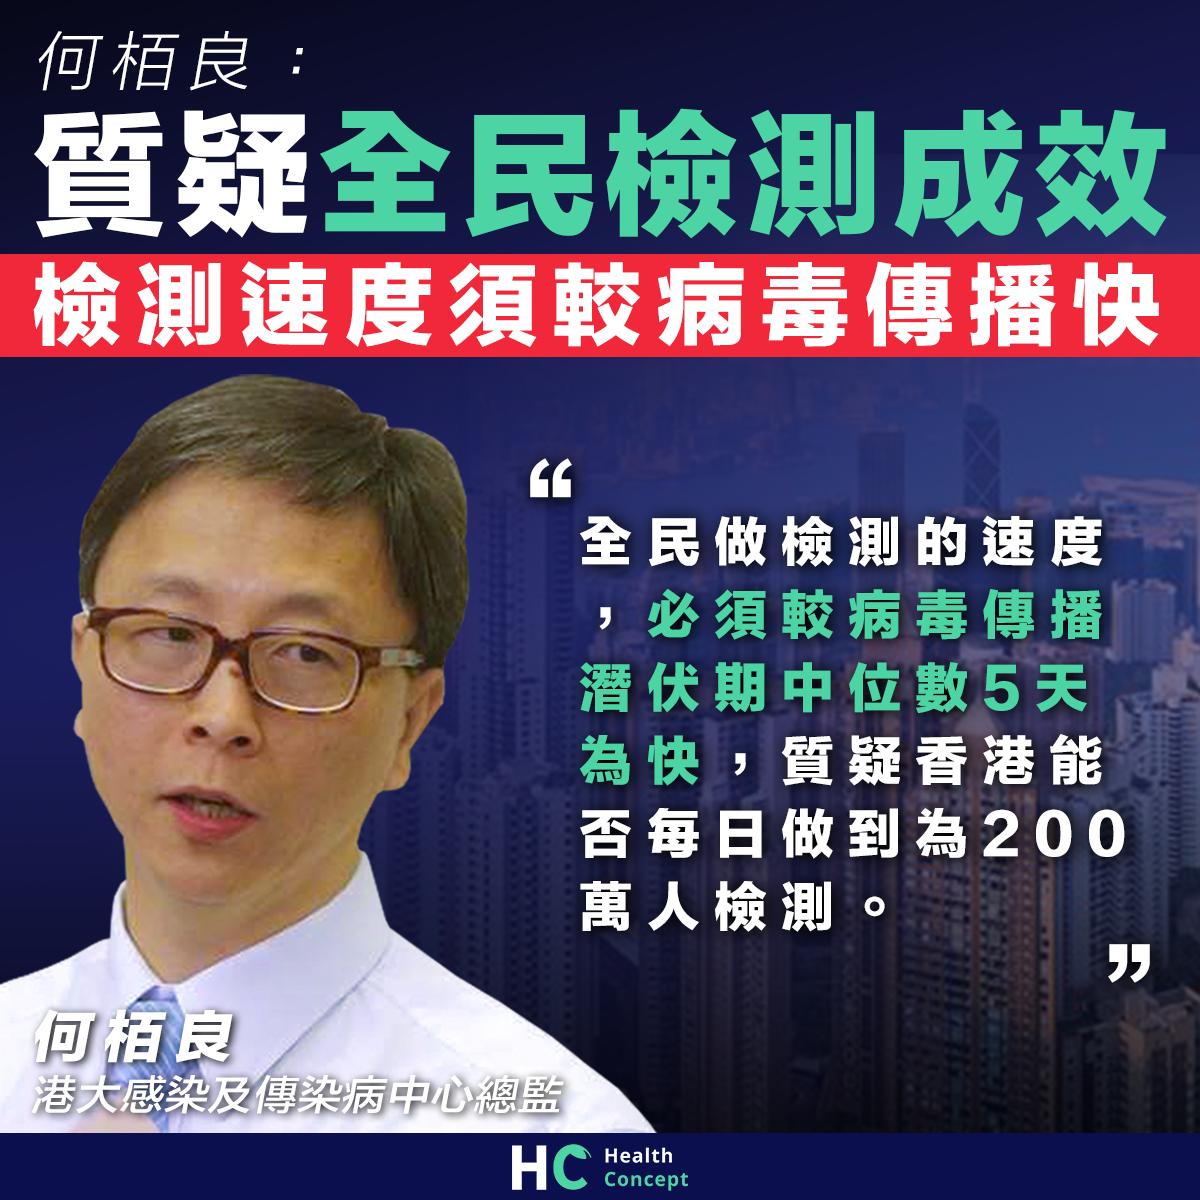 【#新型肺炎】何栢良:質疑全民檢測成效 檢測速度須較病毒傳播快